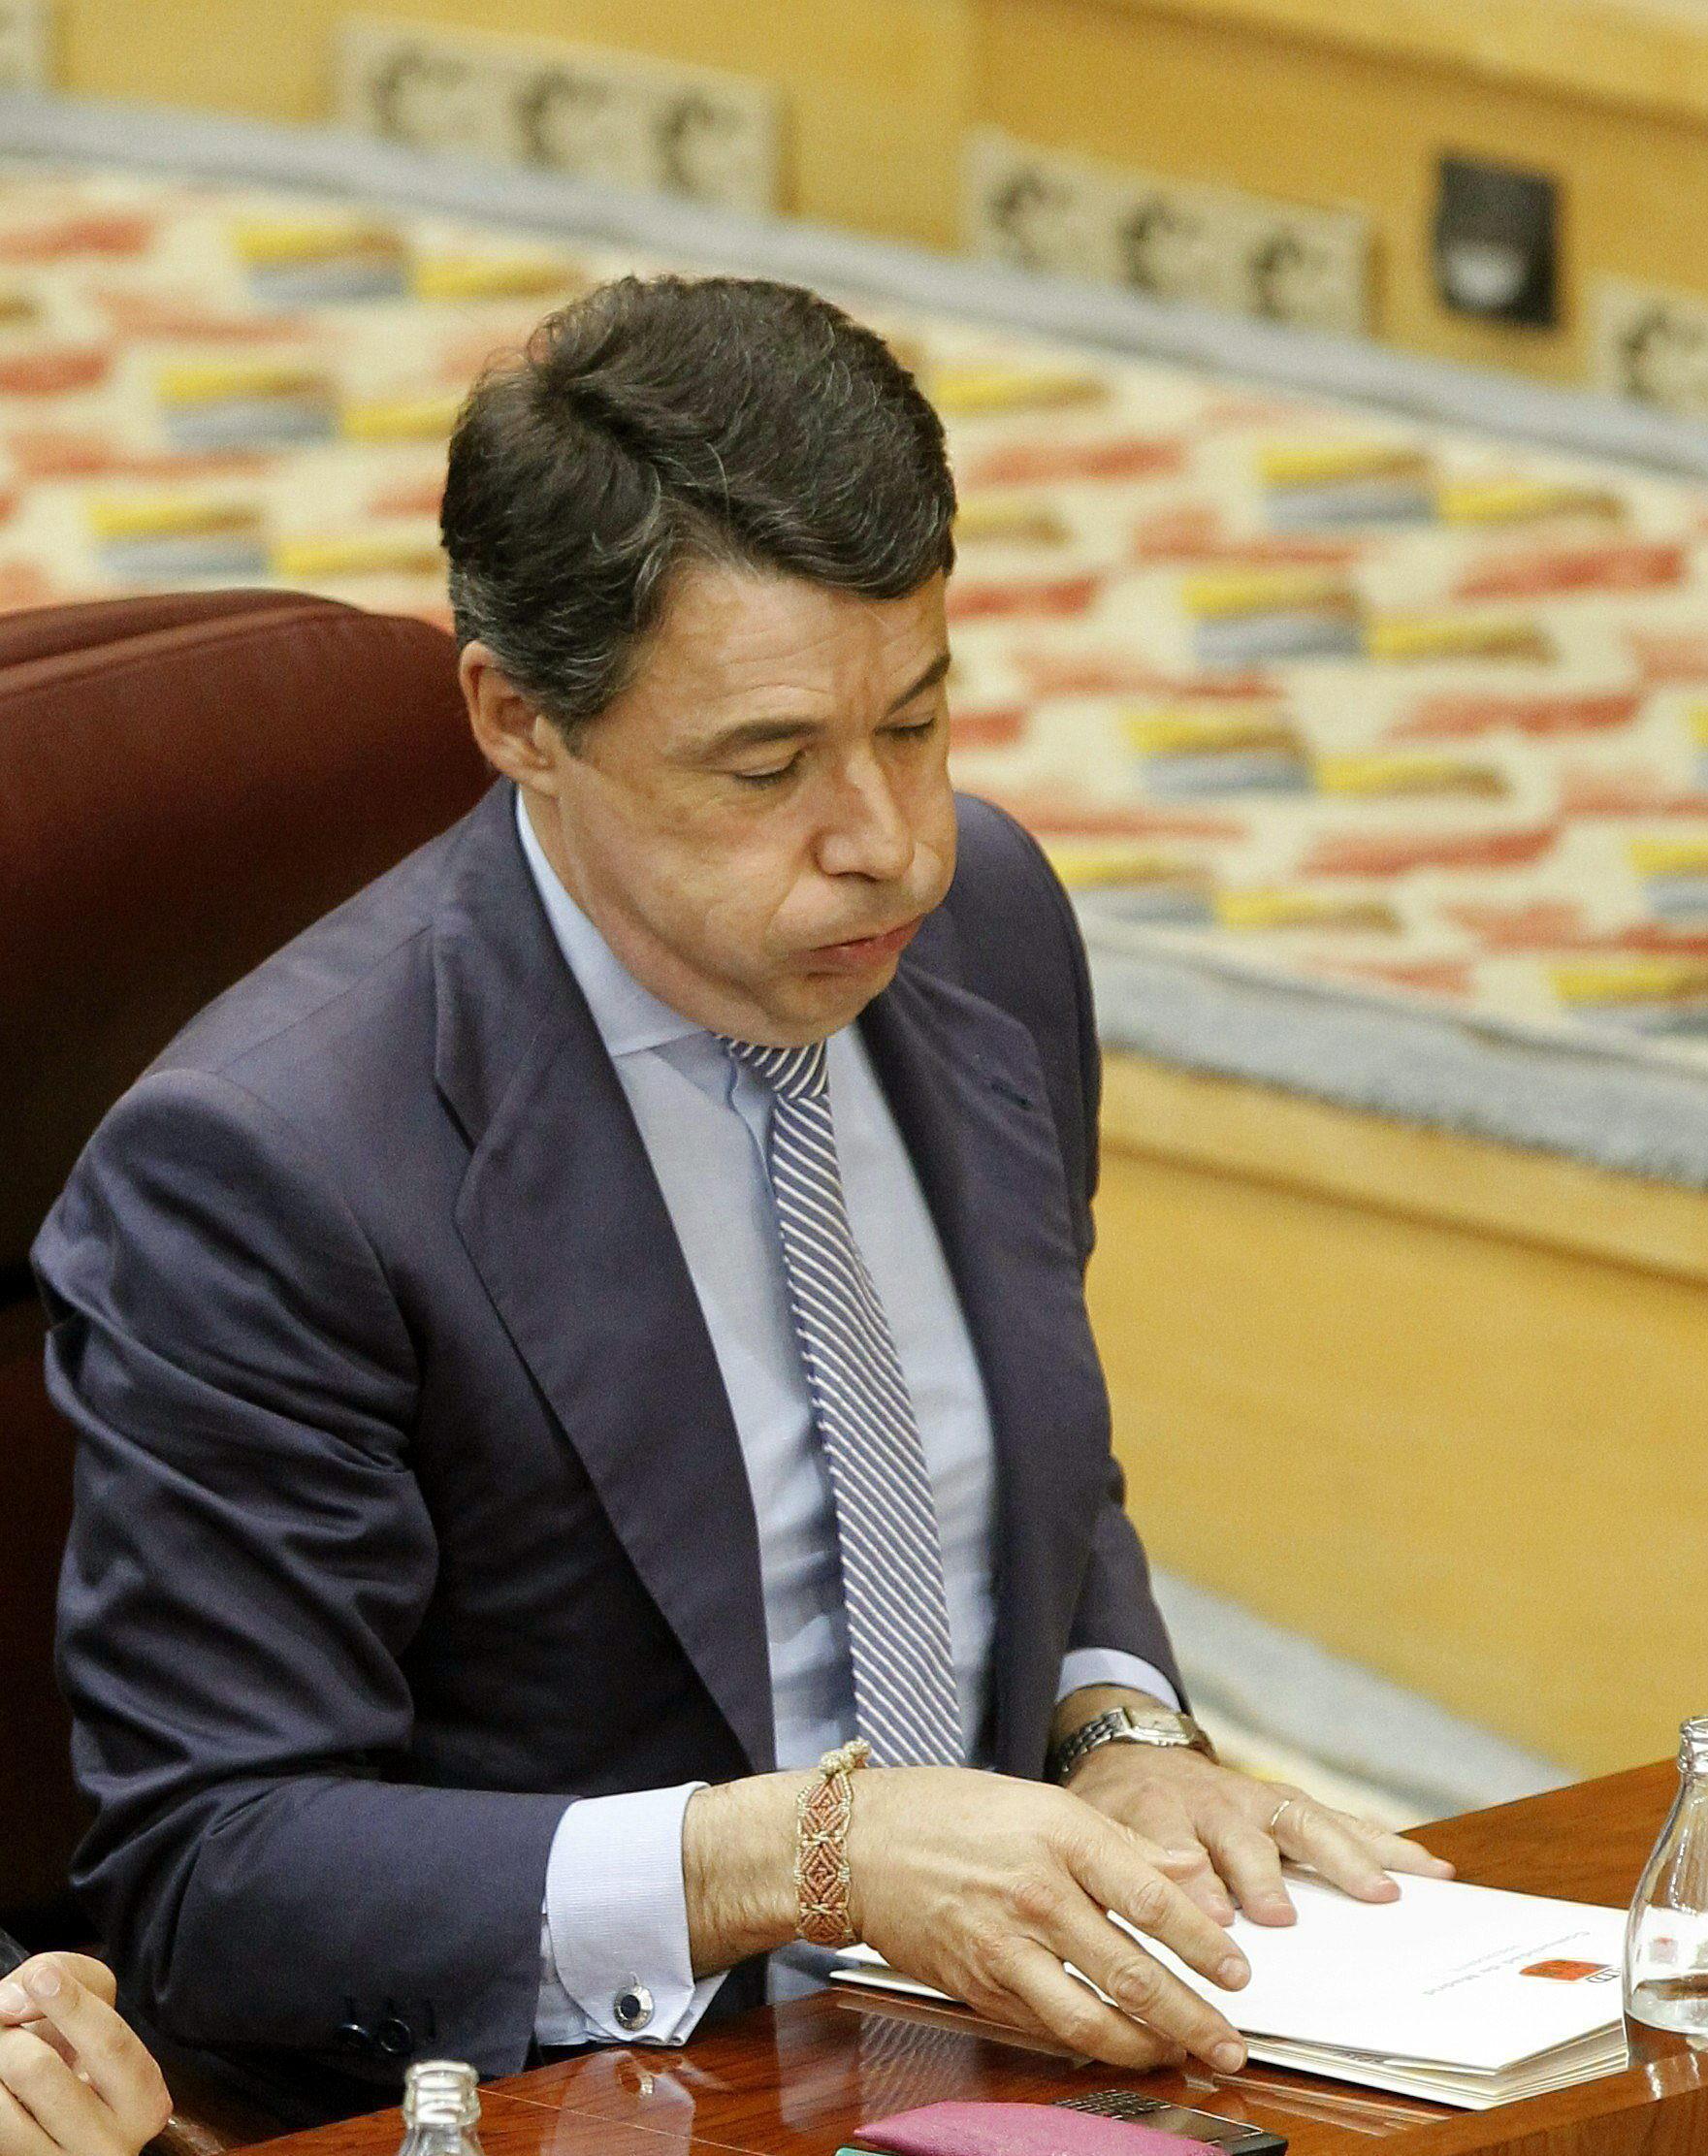 La Asamblea tramitará la propuesta de UPyD de reforma de la ley electoral